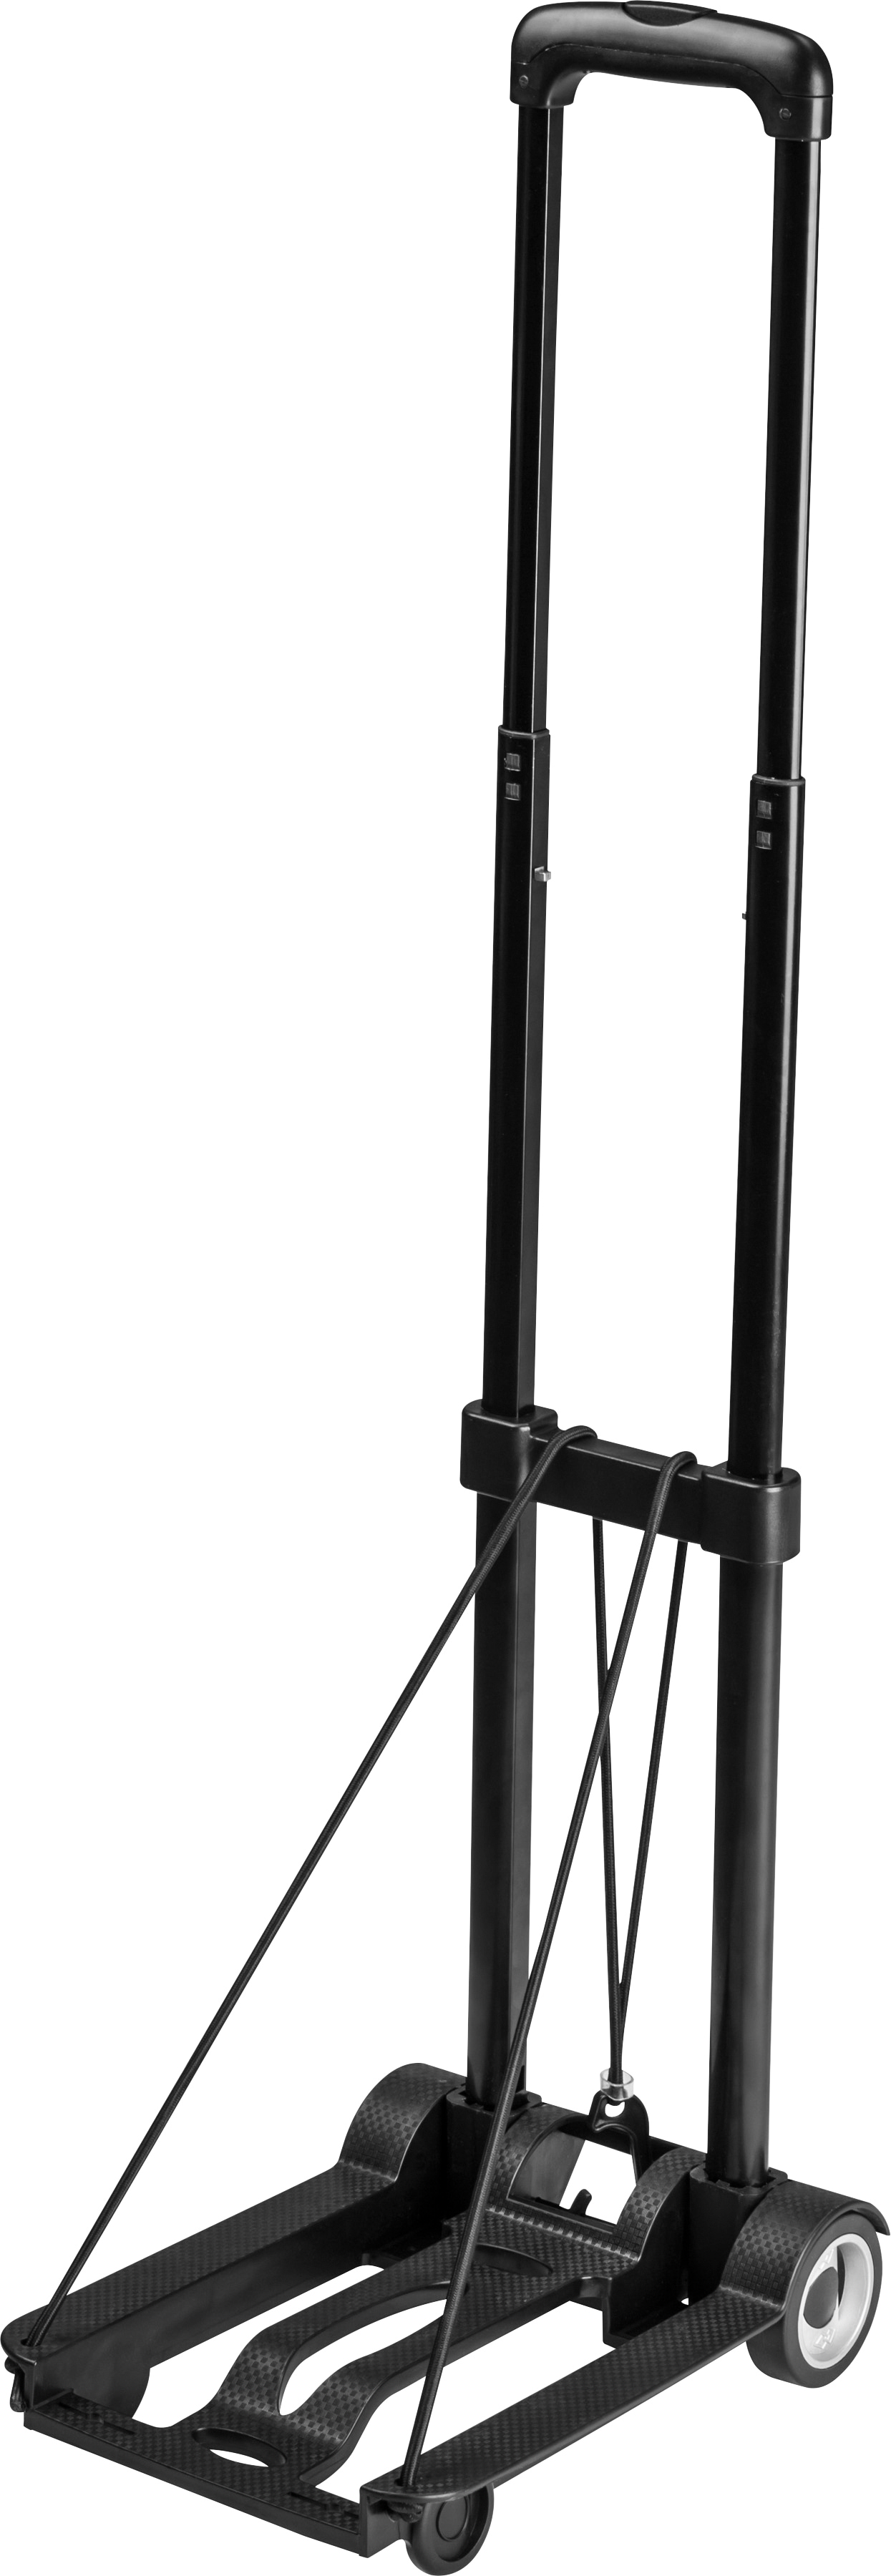 meister Sackkarre Mini schwarz Sackkarren Transport Werkzeug Maschinen